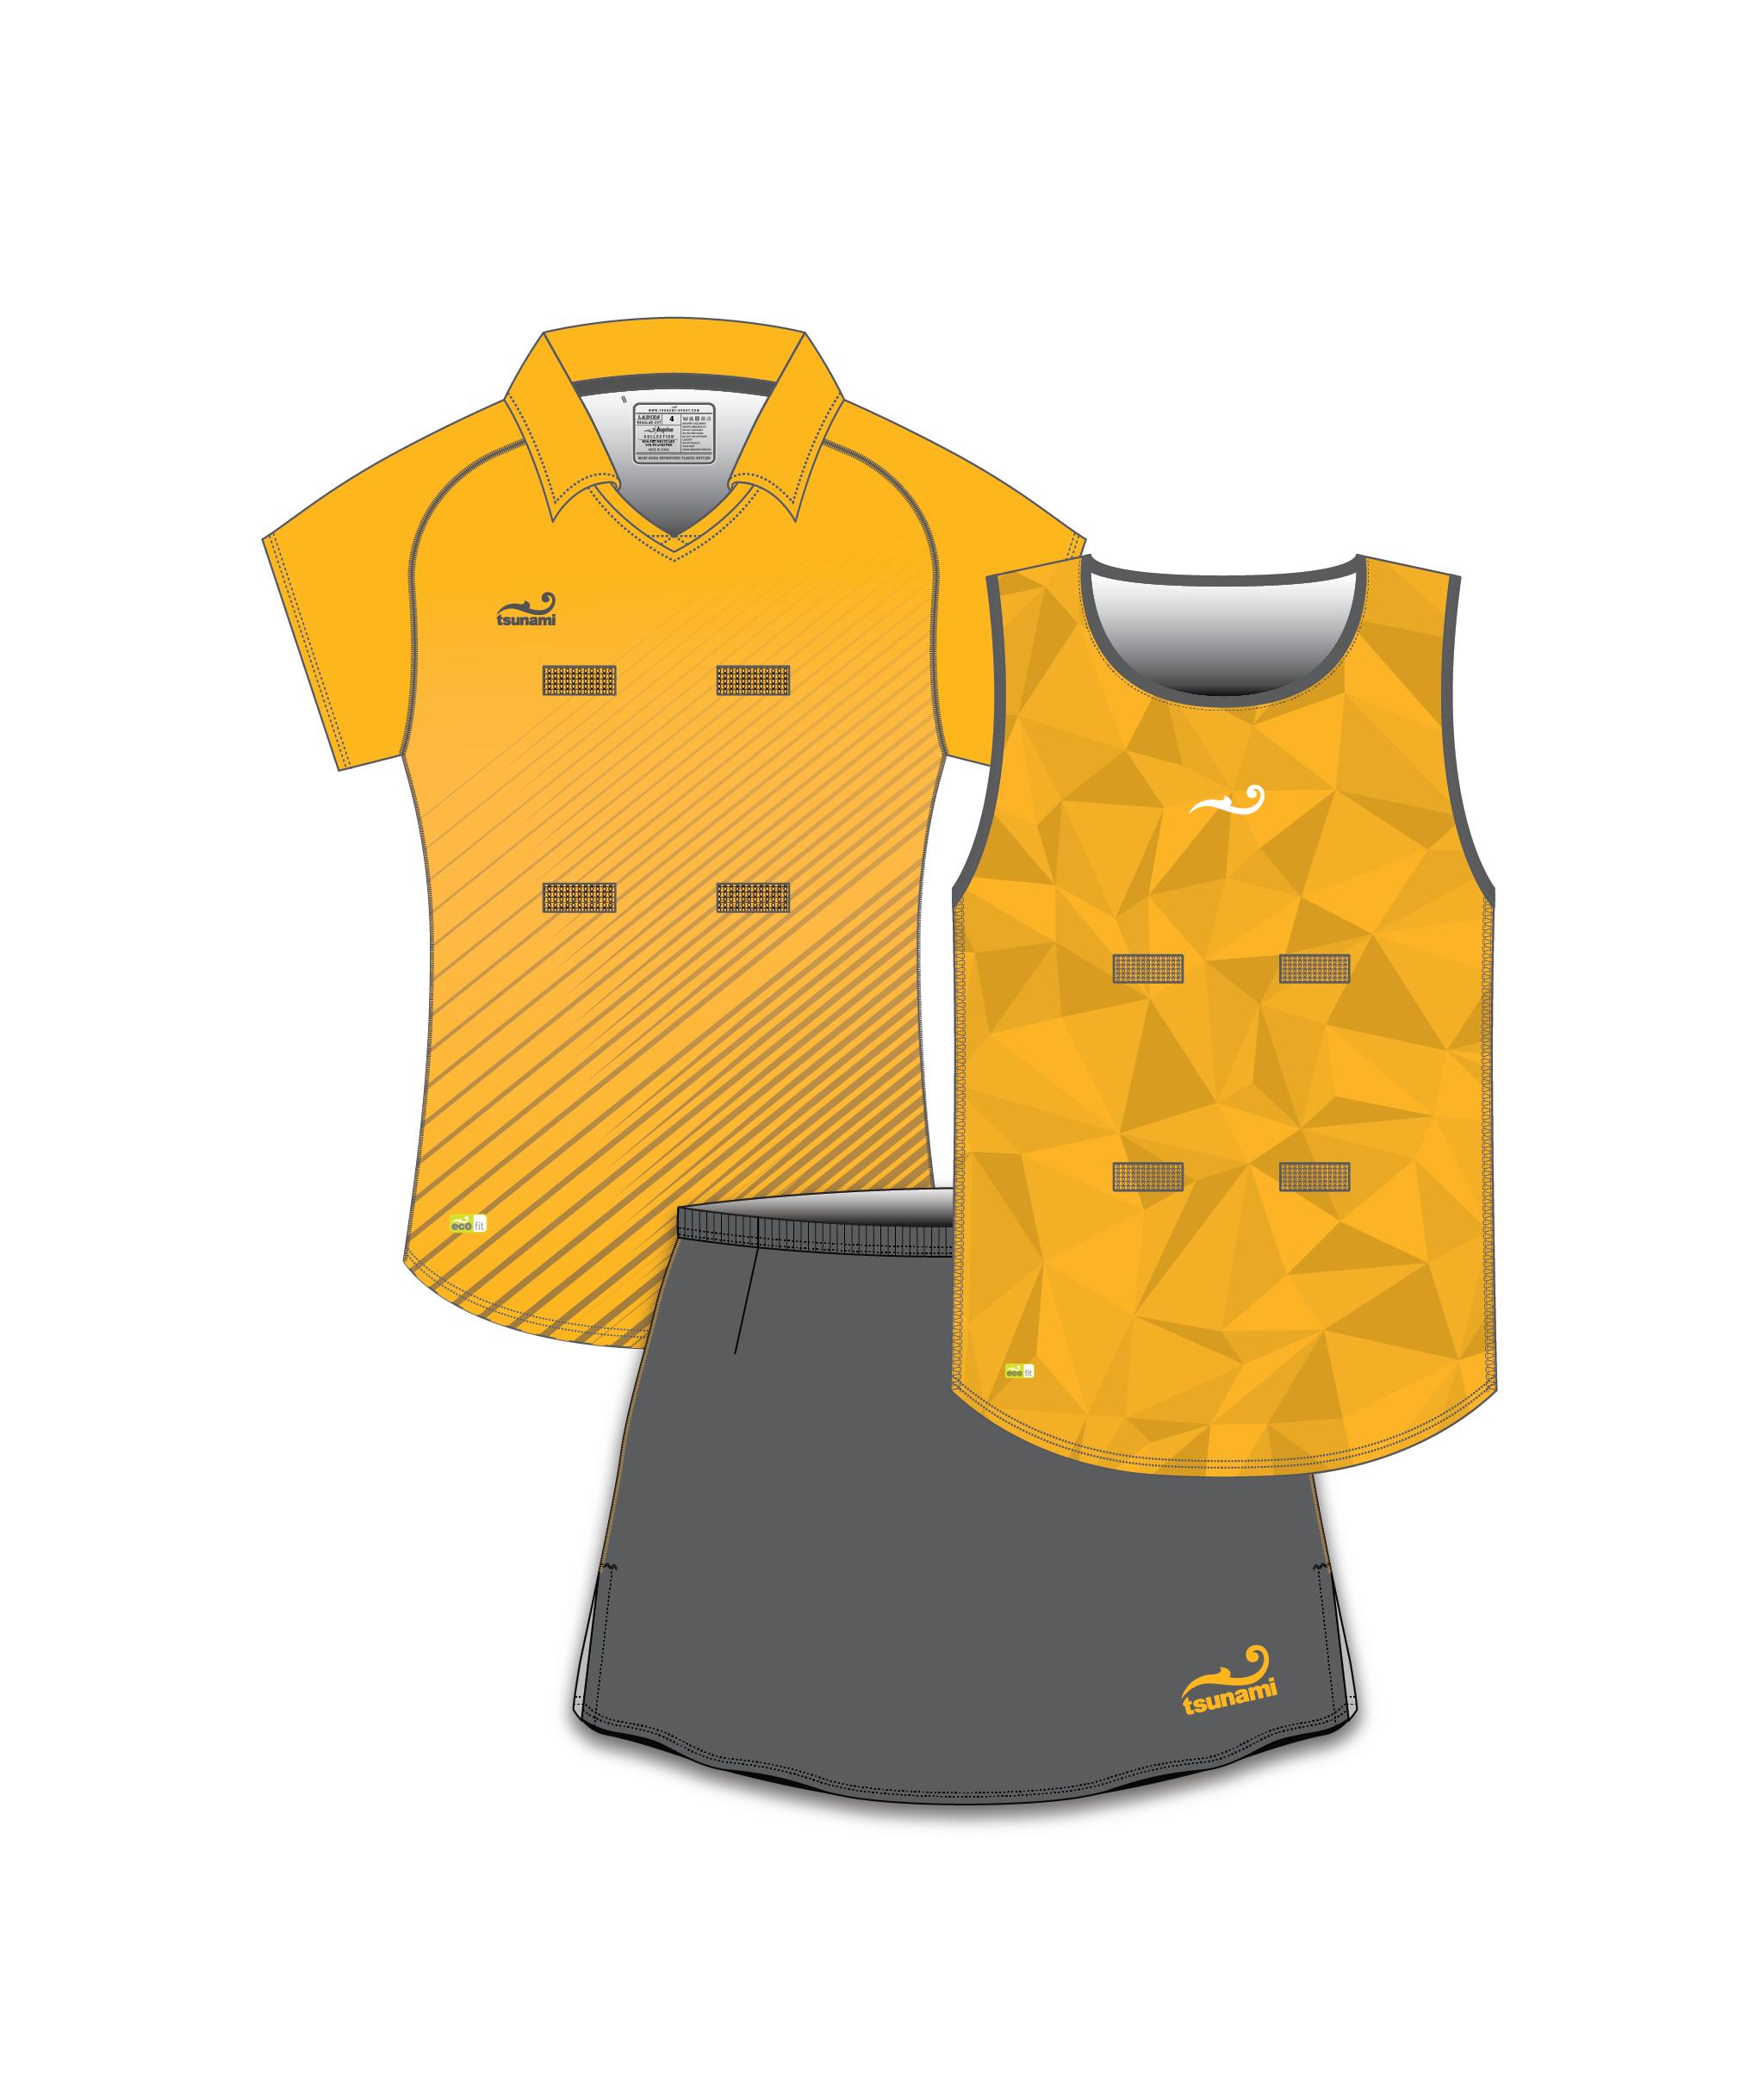 Eco Netball Kit